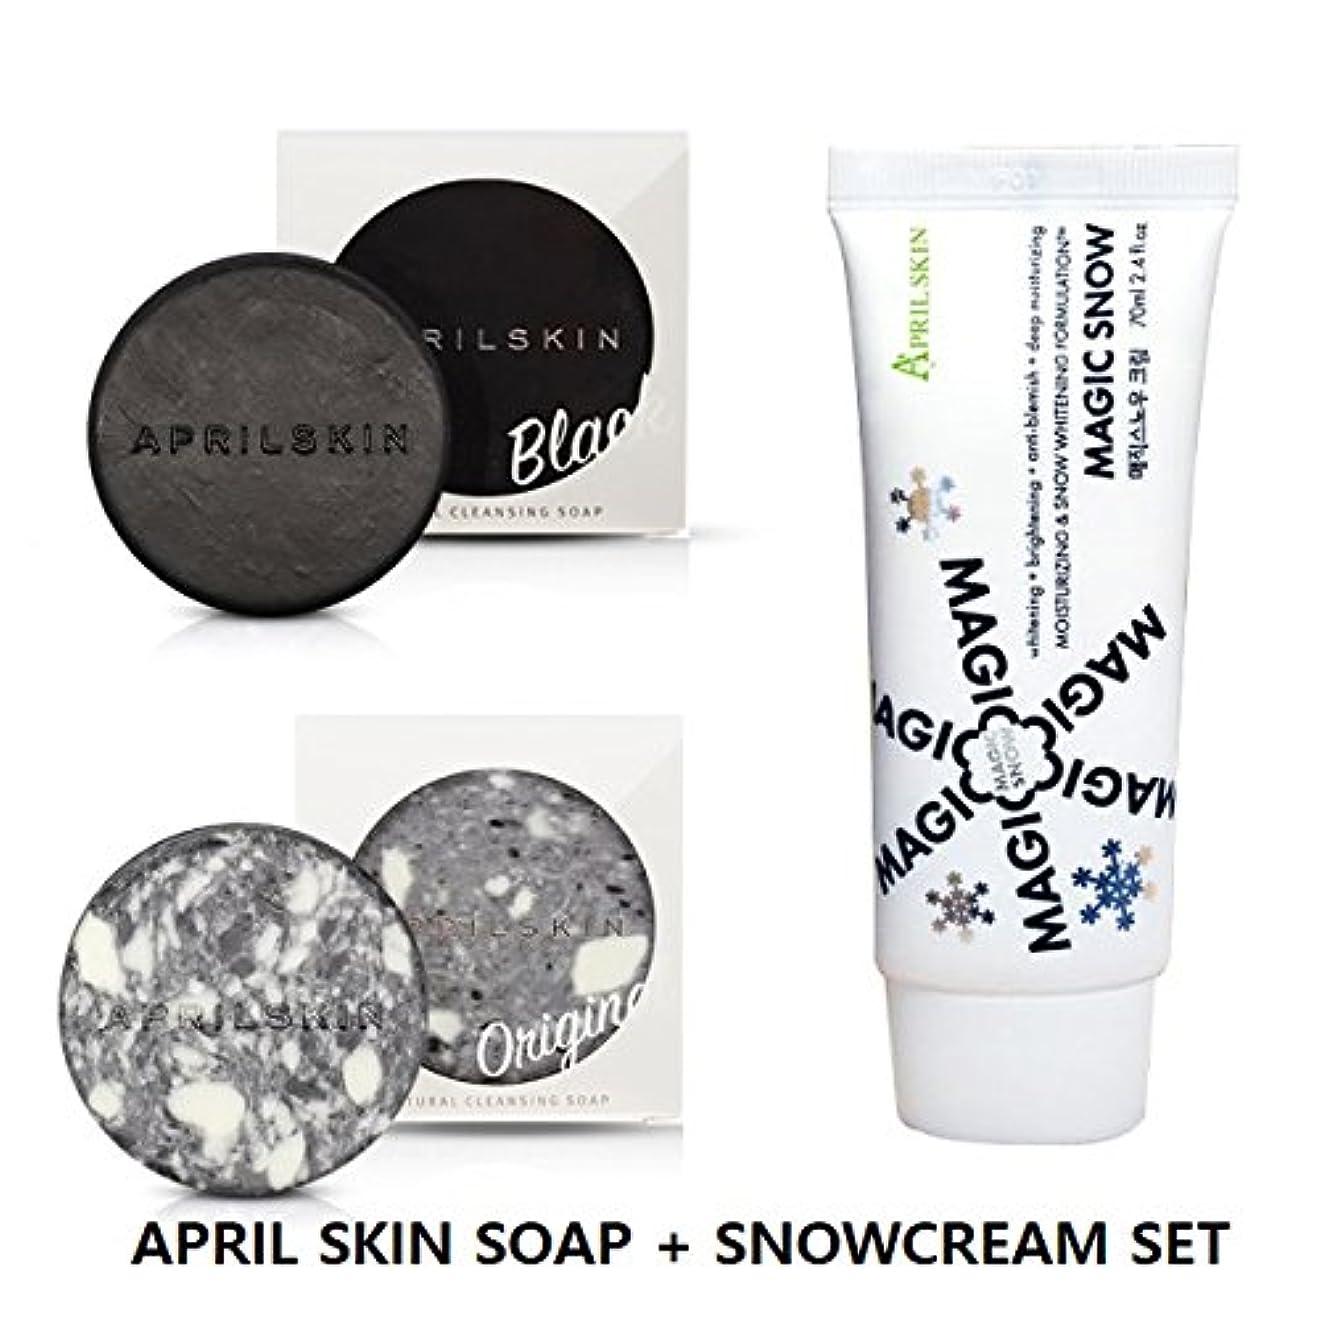 航空便メディカル友情[APRILSKIN] エイプリルスキン マジック スノークリーム + 国民石鹸 ORIGINAL + BLACK SET [April Skin Magic Snow cream + Magic Stone Original...